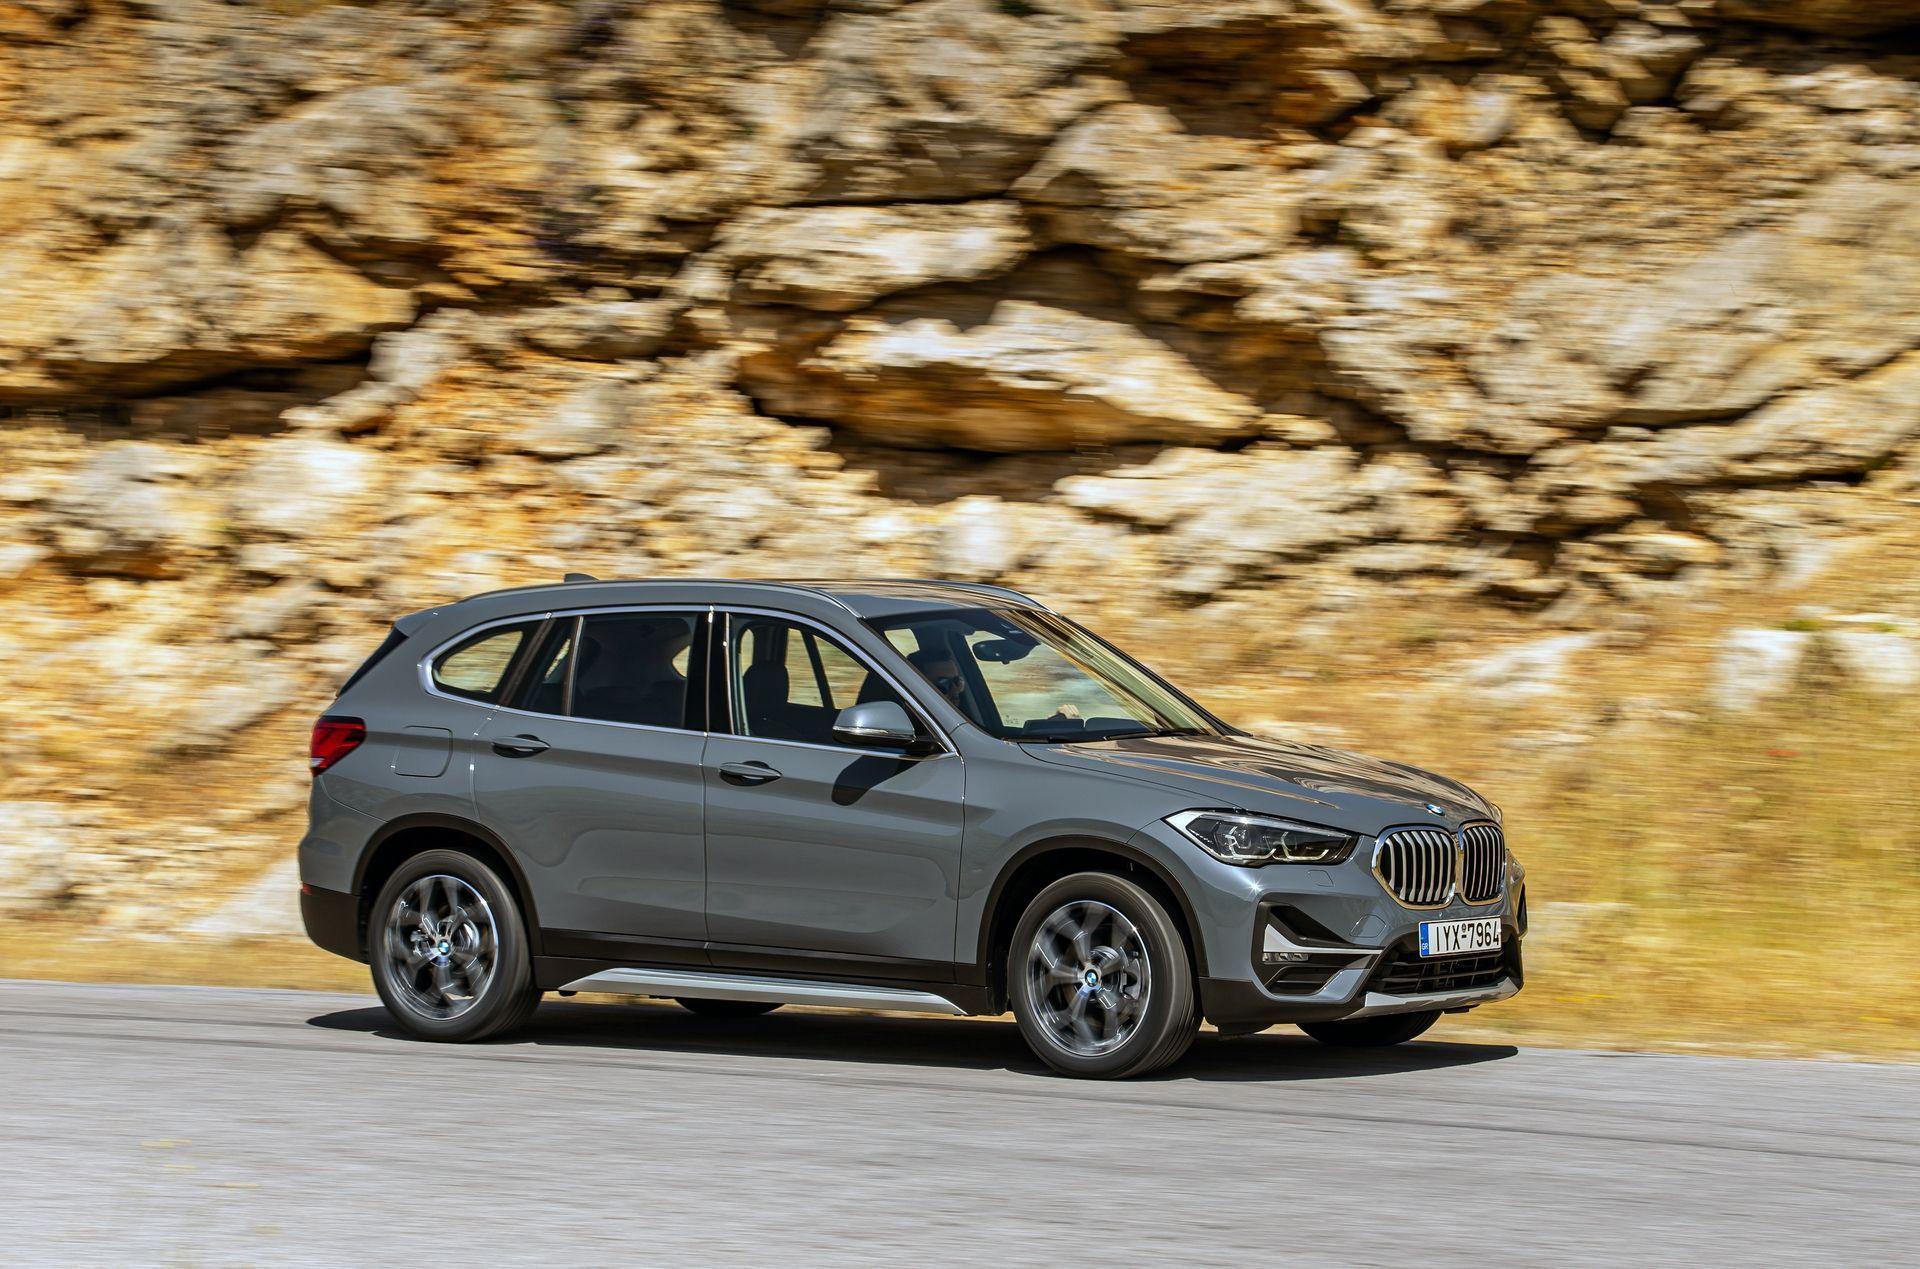 BMW_X1_xDrive25e_Greek_0009